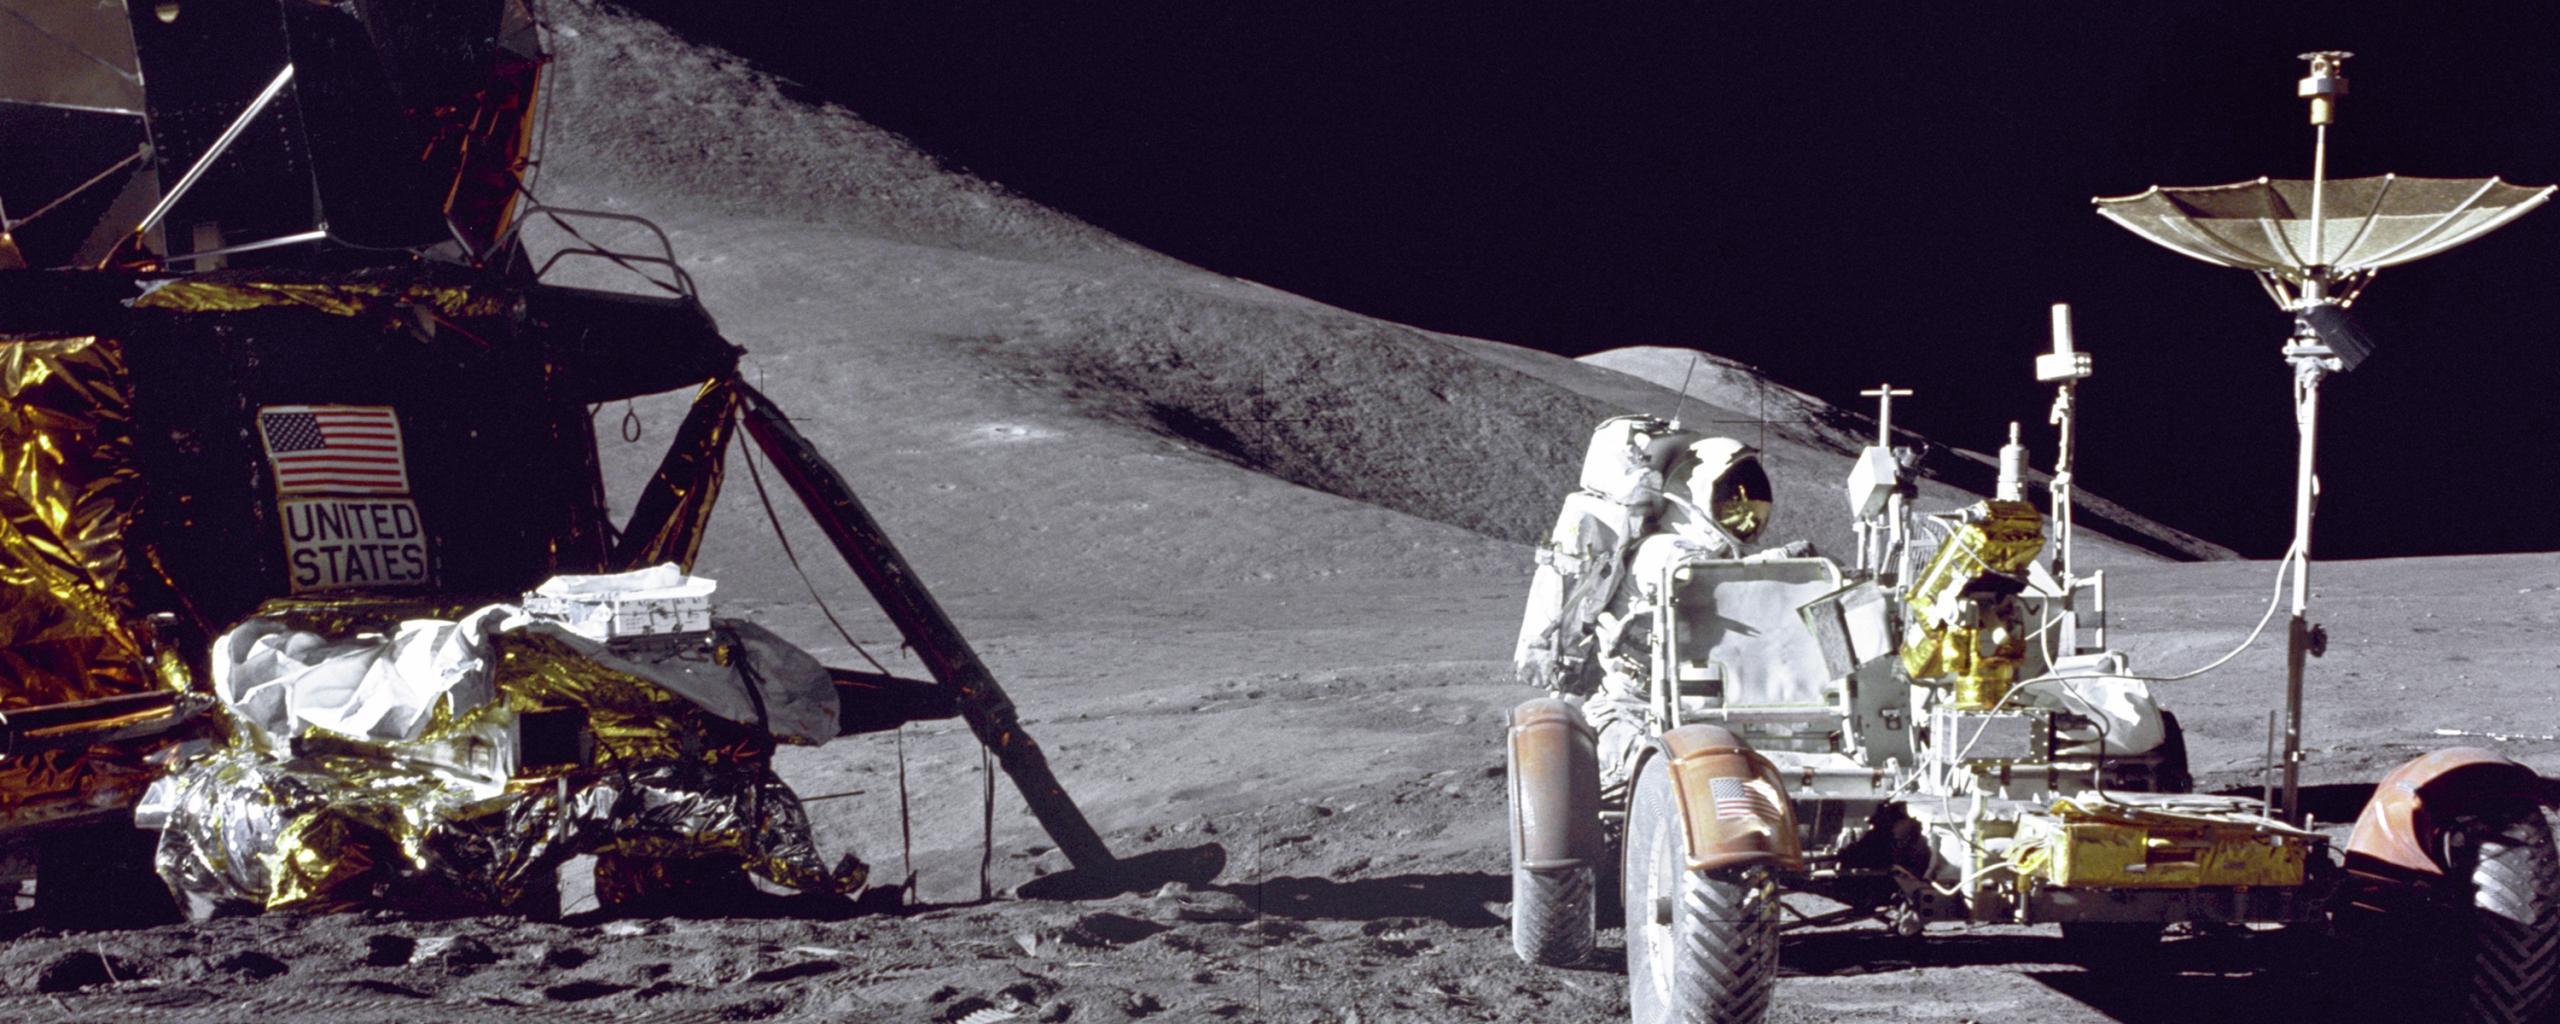 Astronaut Jim Irwin fra Apollo 15 laster utstyr fra landingsmodulen, om bord i månebilen før kjøringen begynner.